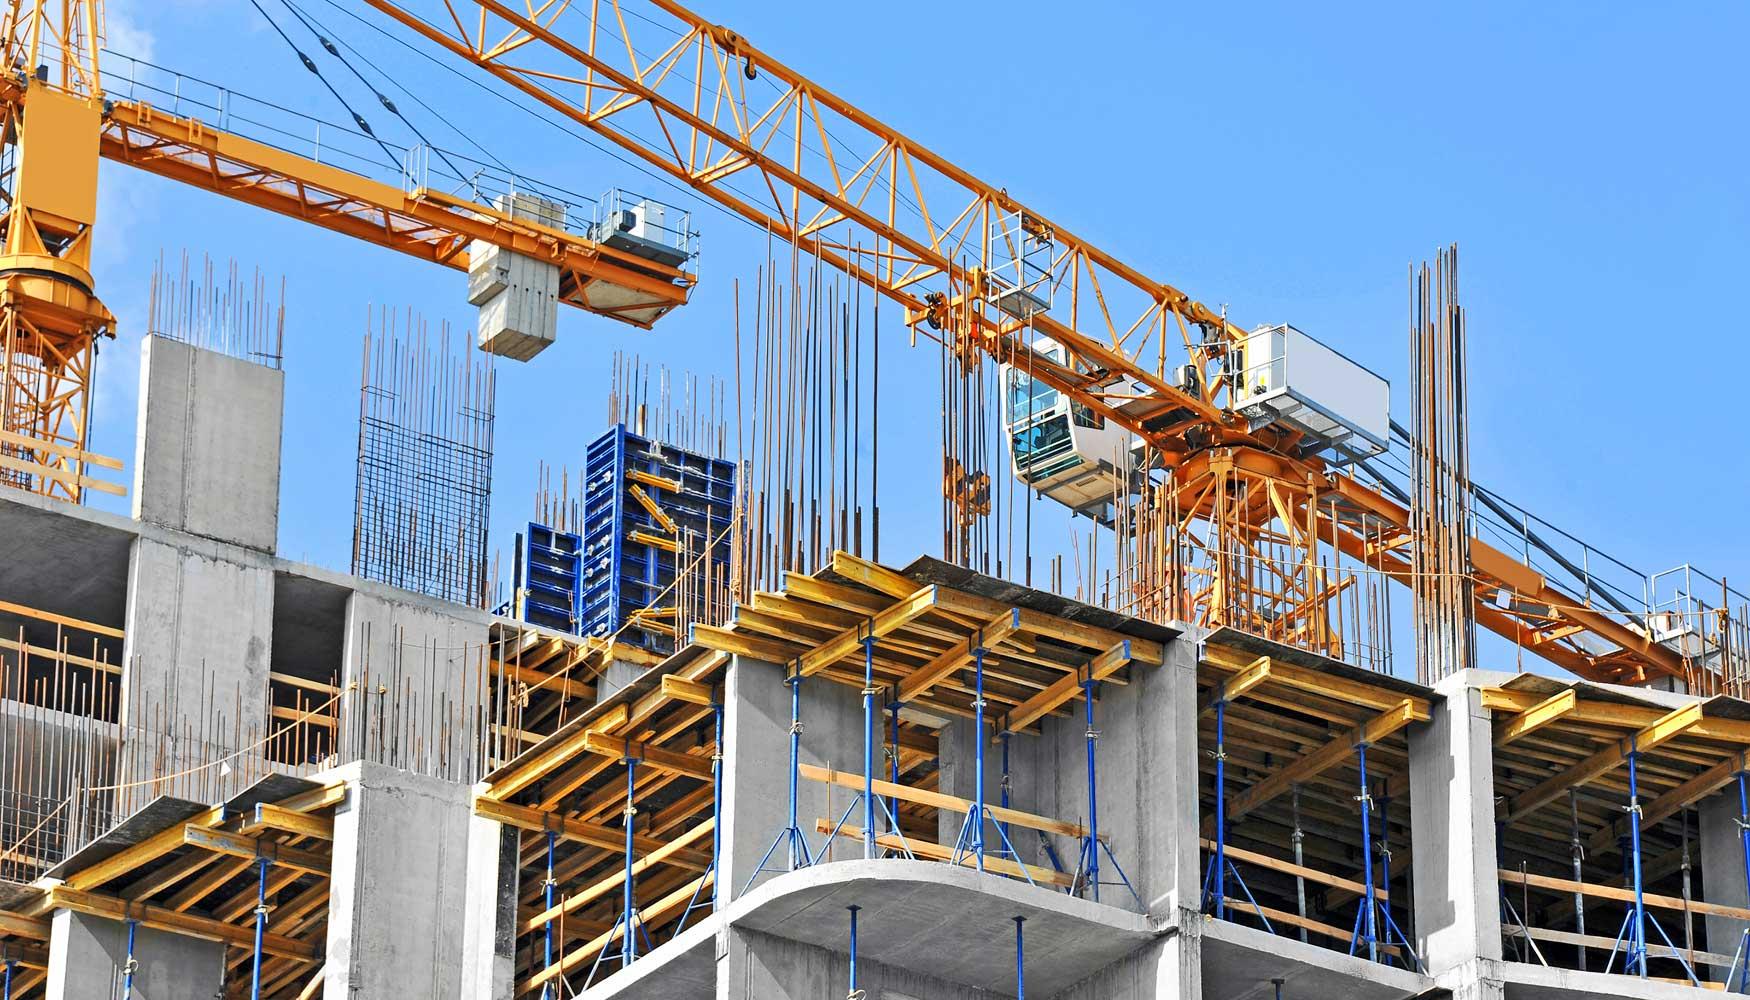 Radiograf a del sector de la construcci n en europa seg n for Construccion de estanques para tilapia